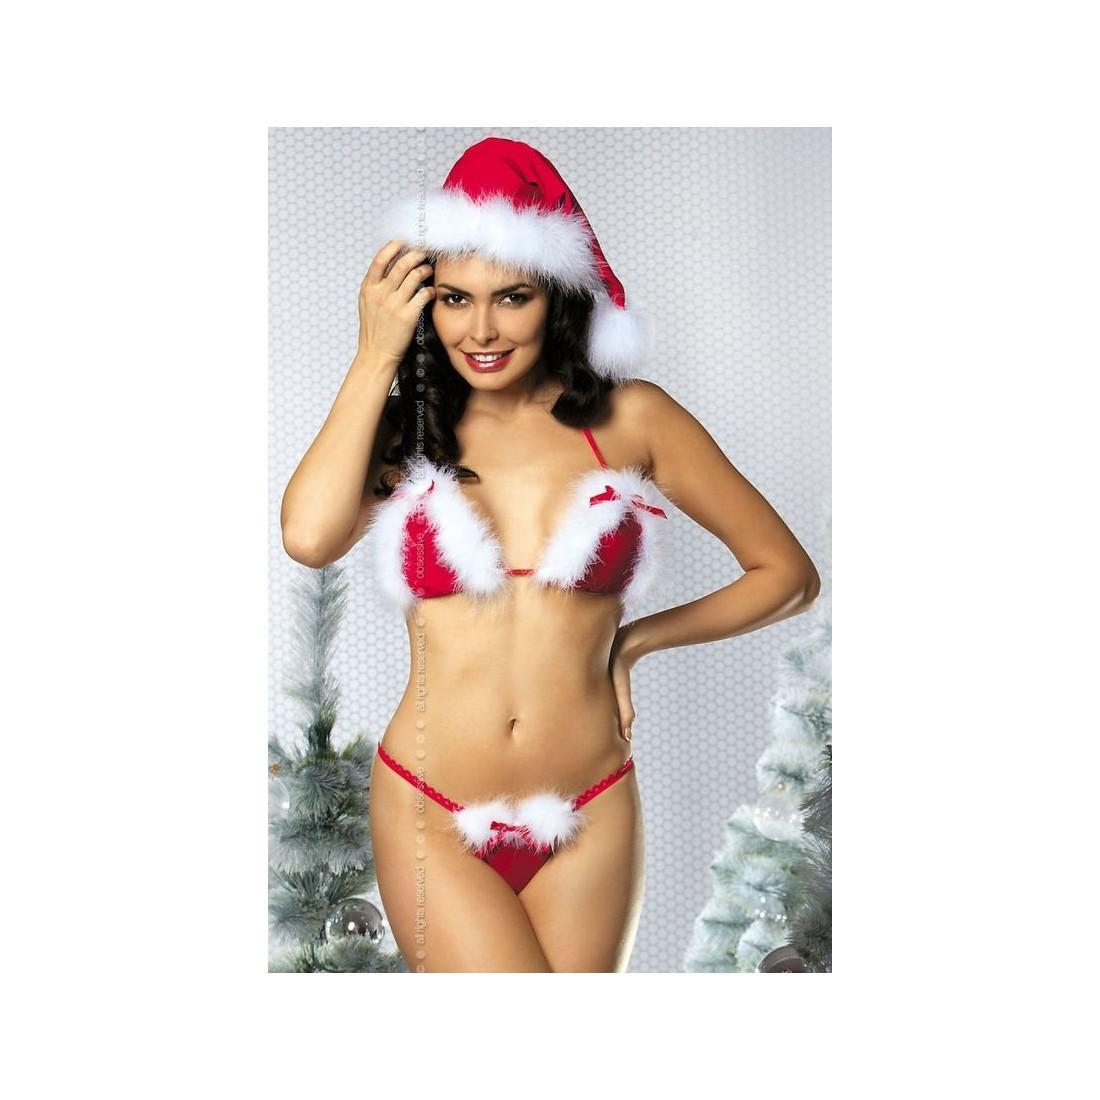 biquíni três pontos underwear mulheres sexy com Branco fuzzy vestido guarnição de Natal do feriado do Natal